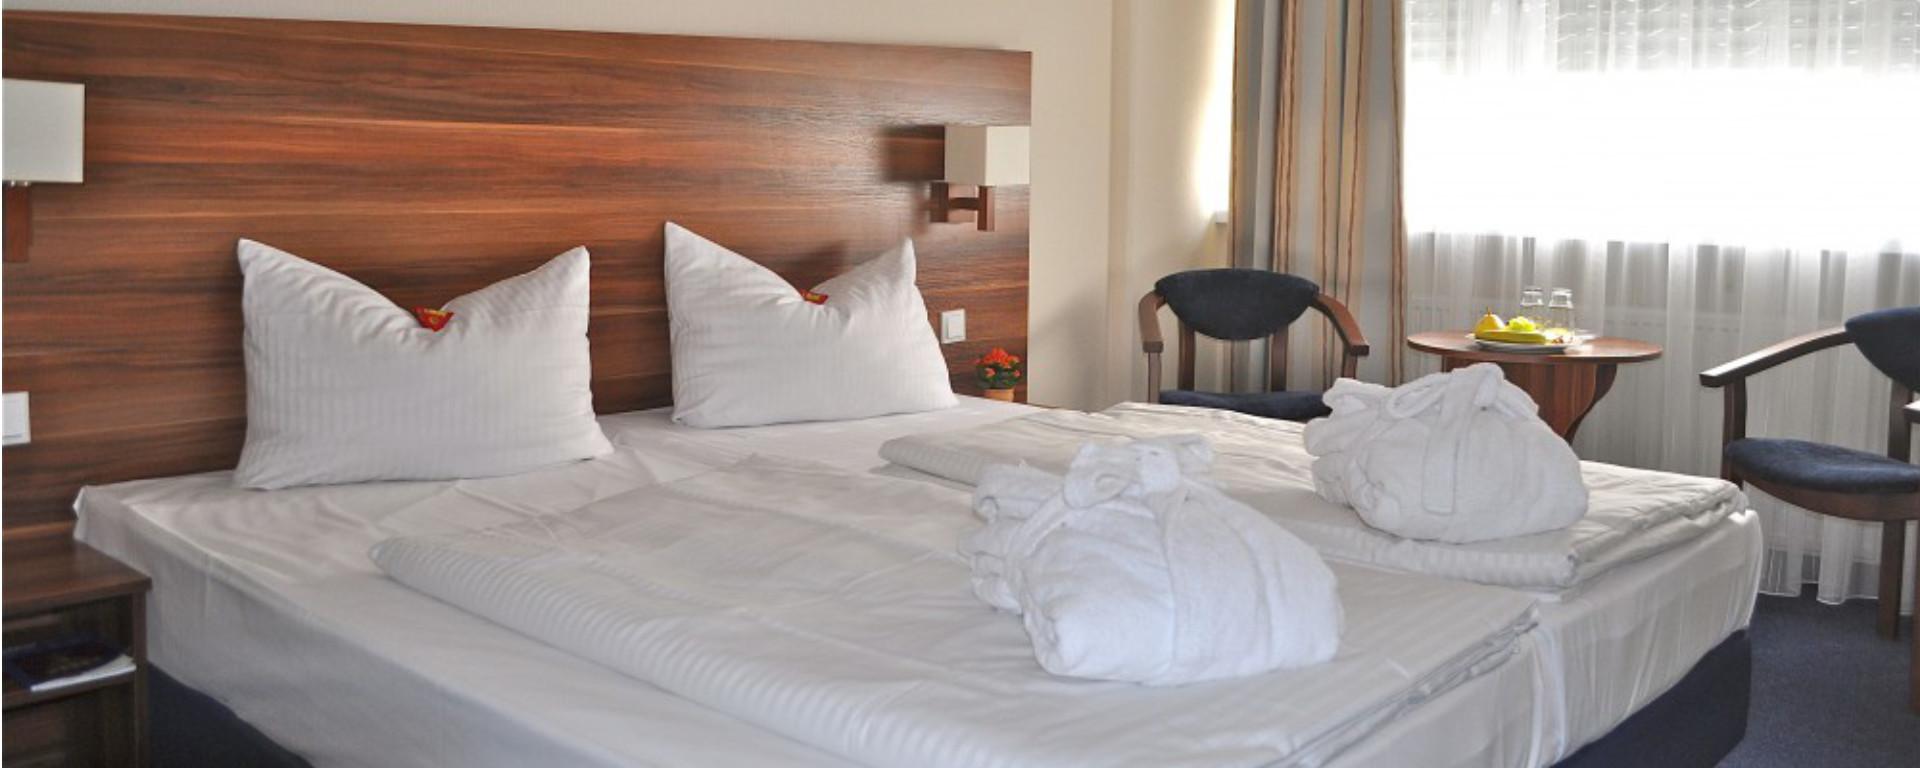 Unterkunft, Übernachtung, bed and breakfast, b&b, Zimmer im SAVOY Hotel Frankfurt am Hauptbahnhof/ Messe - FFM Zentrum